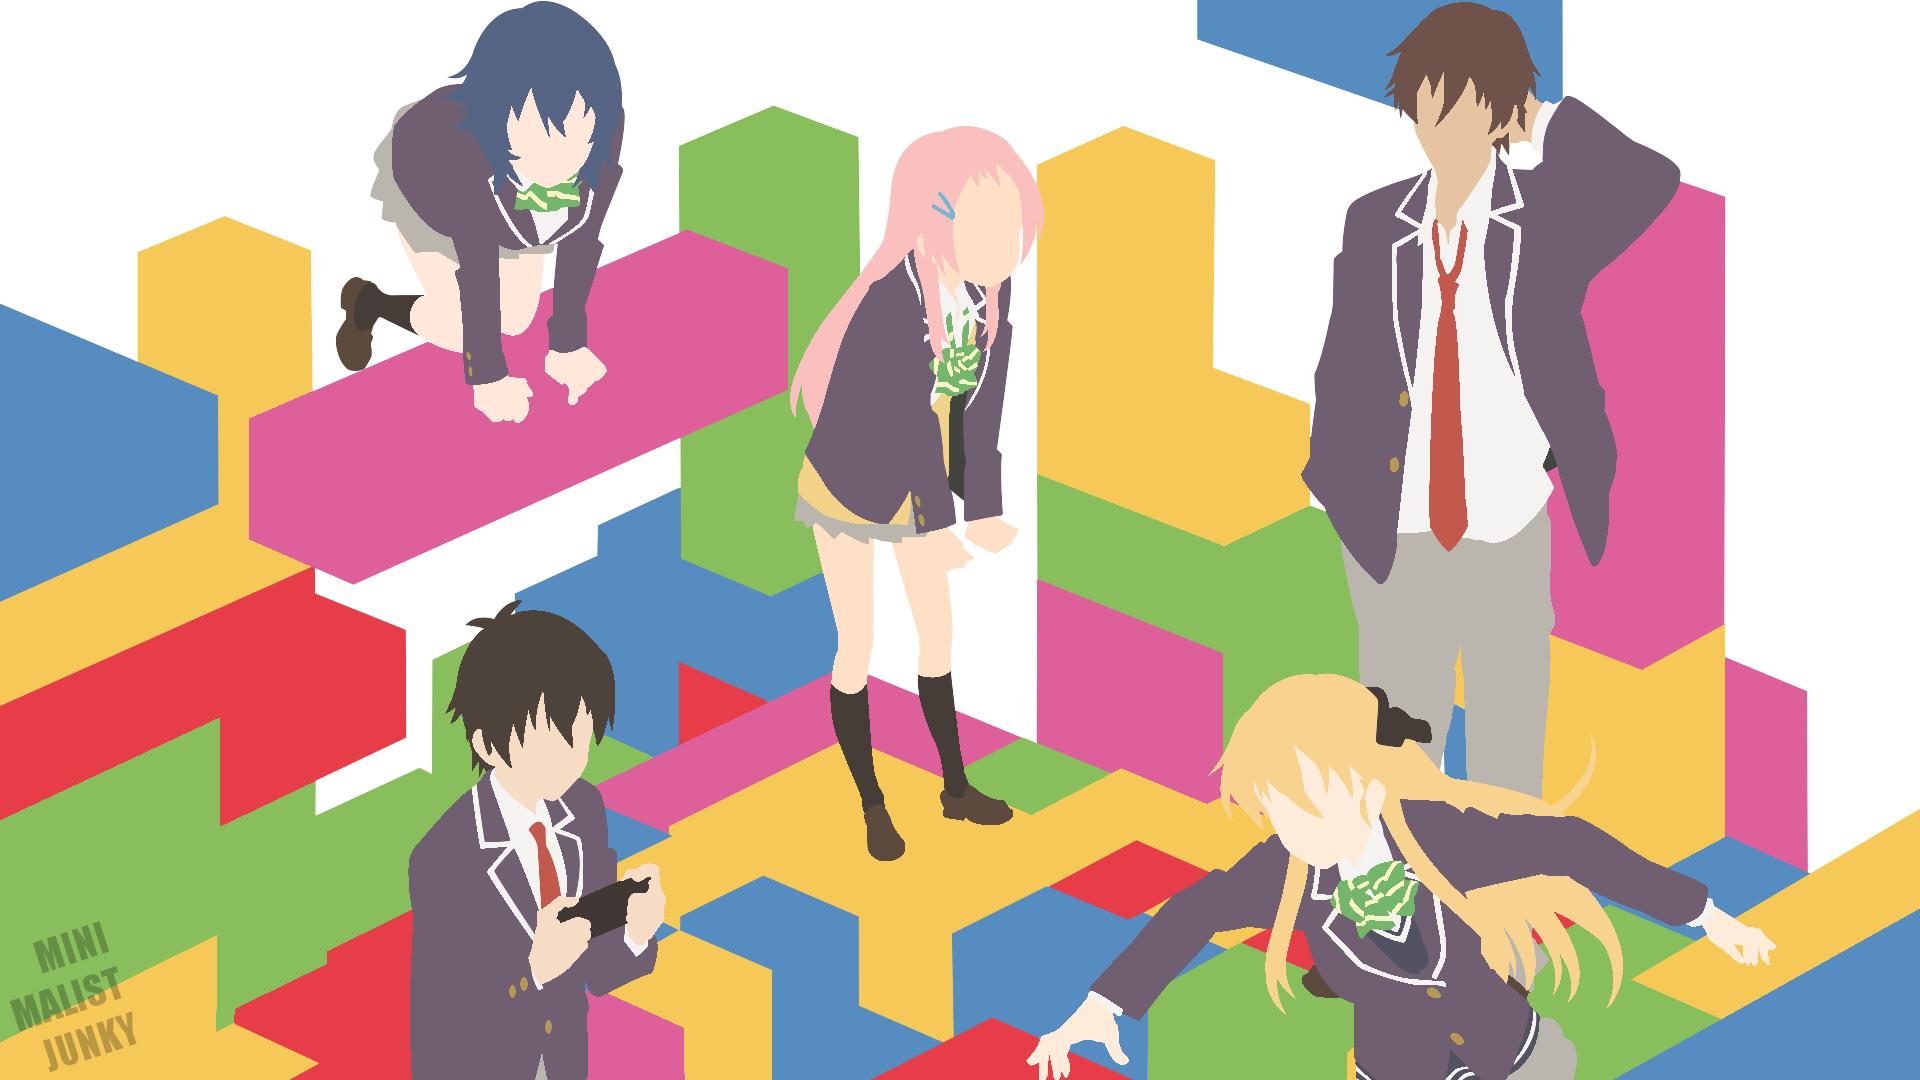 Wallpaper Gamers Amano Keita Hoshinomori Chiaki Karen Tendou